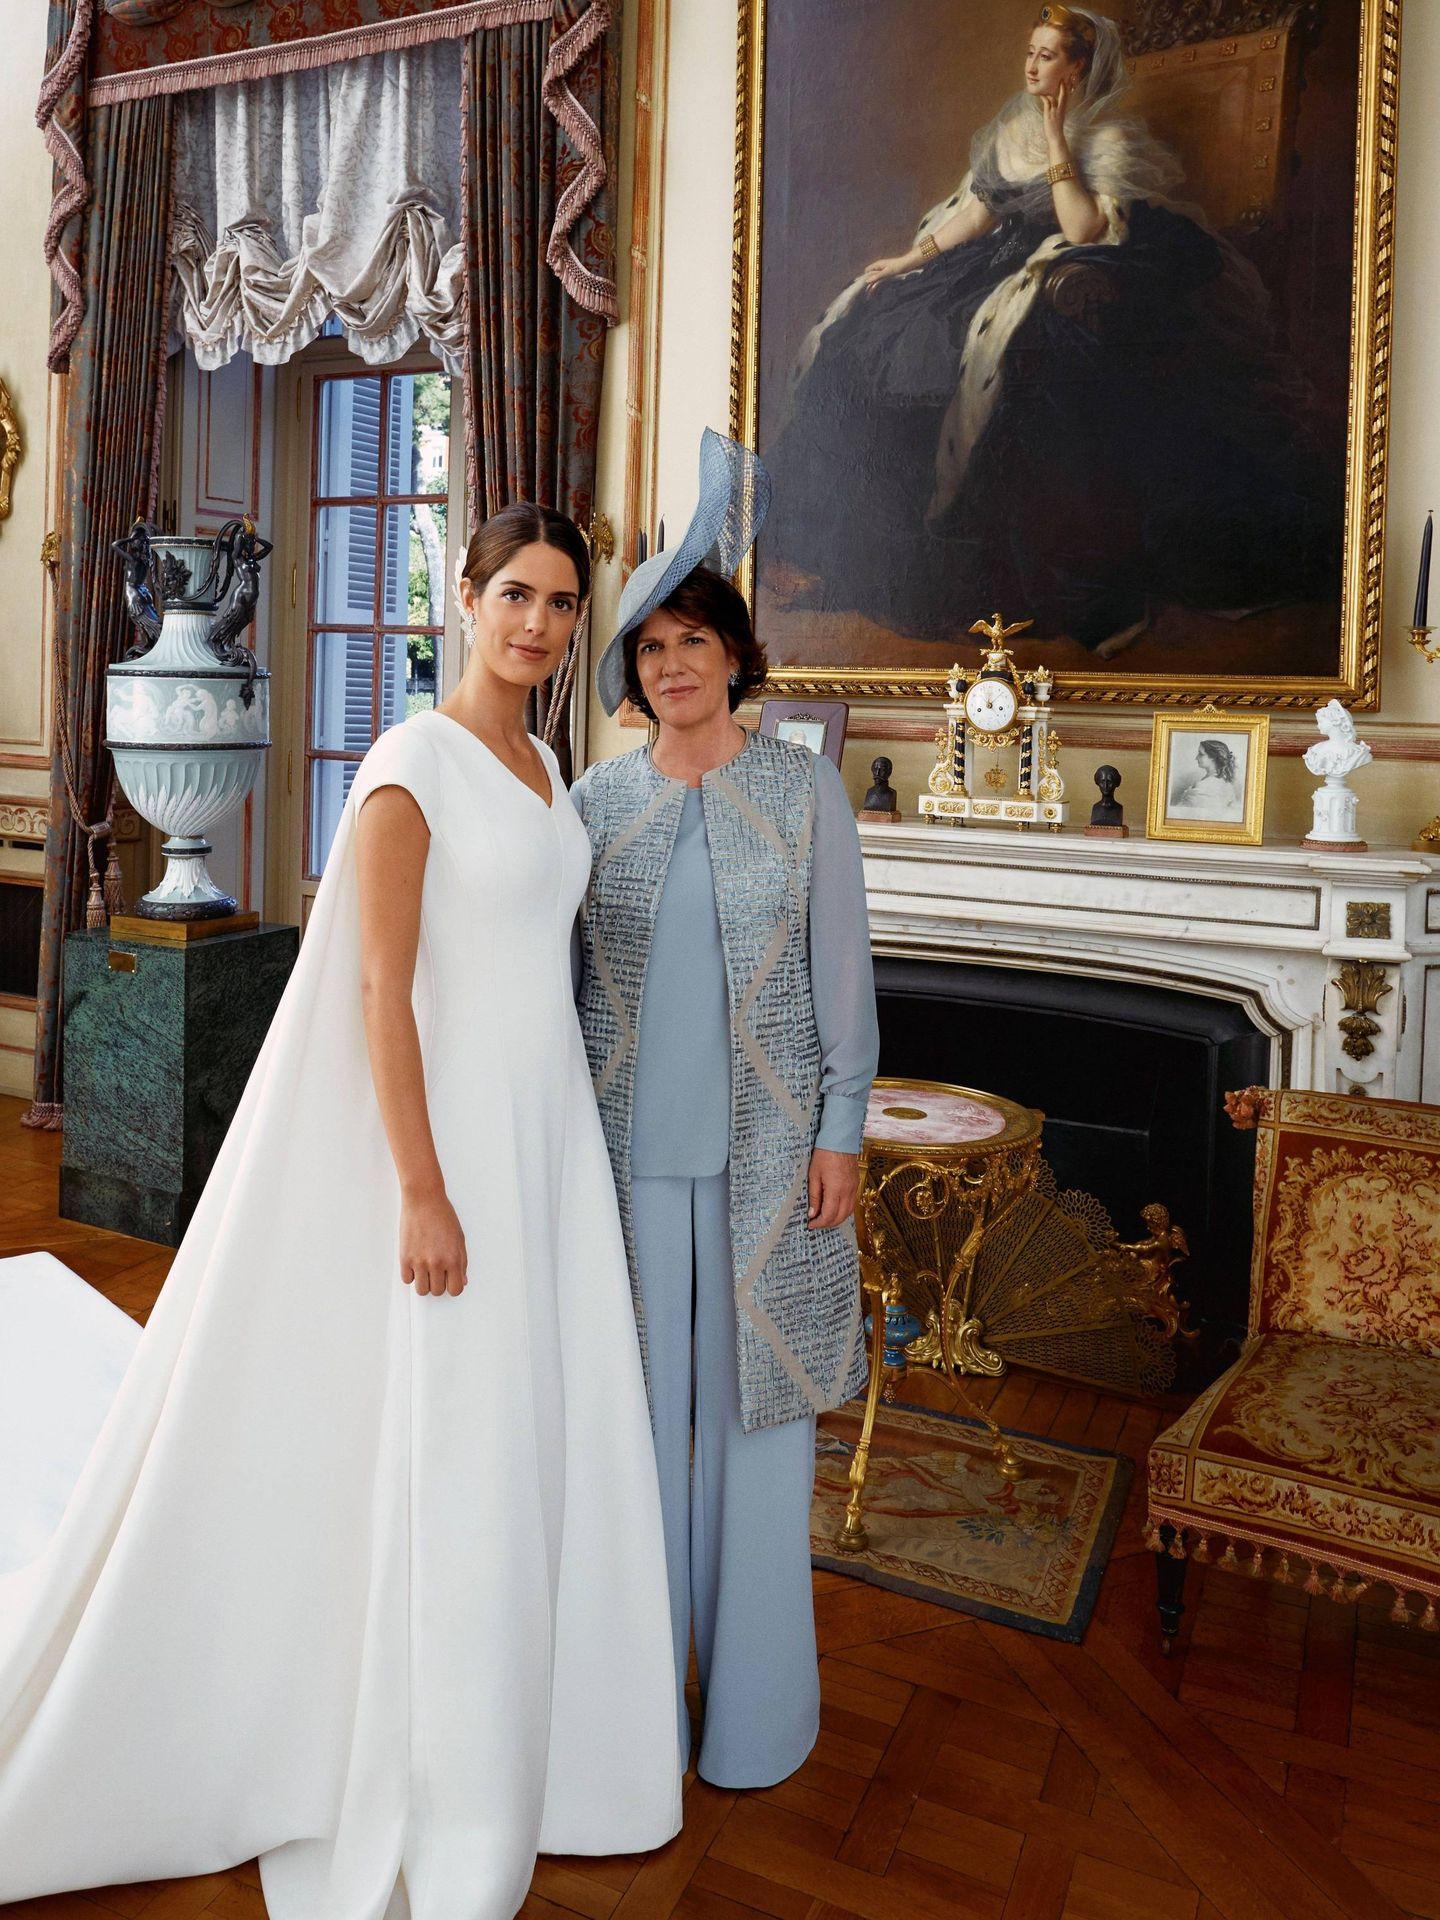 Sofía Palazuelo y su madre, Sofía Barroso, el día de su boda. (Getty)